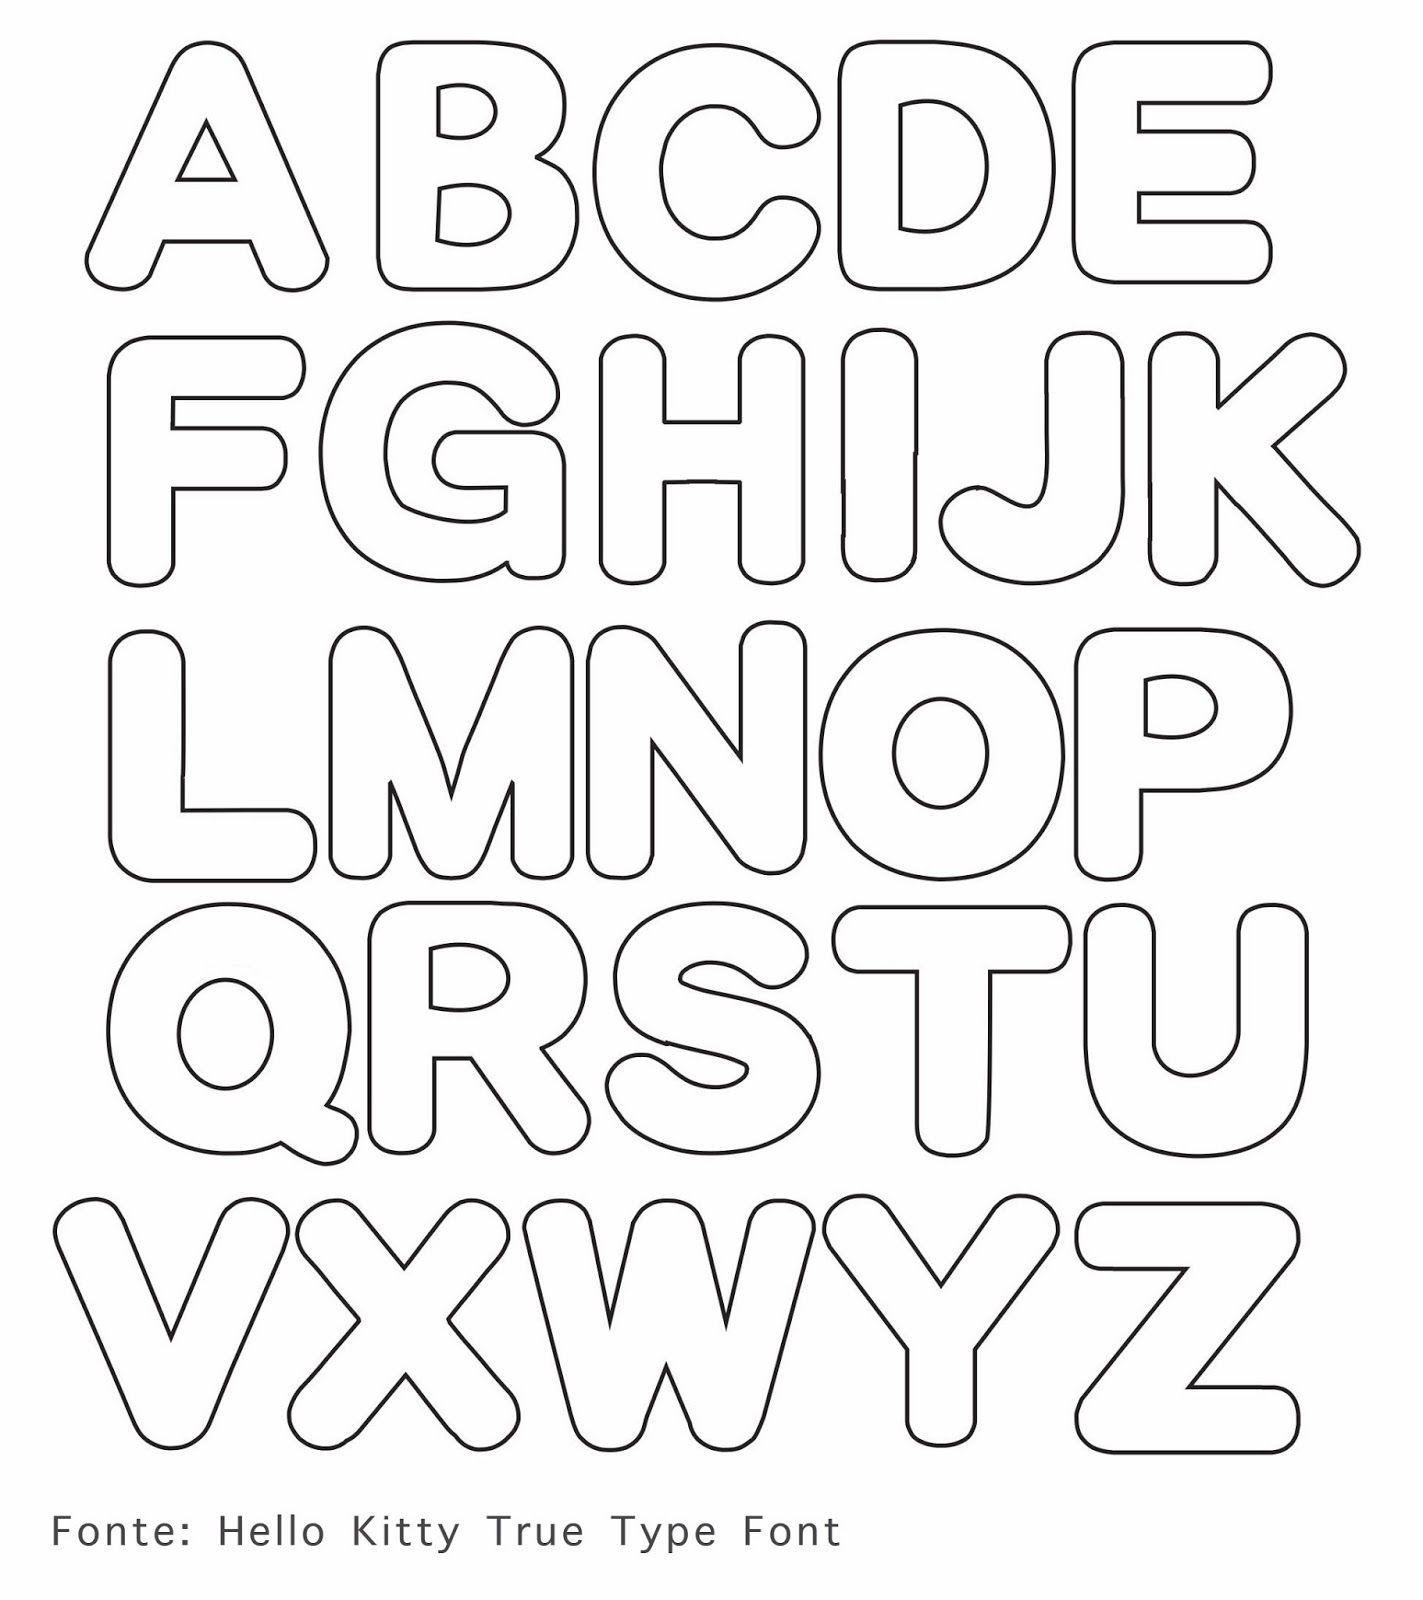 Buchstaben Schablonen Zum Ausdrucken In 2020 | Buchstaben bei Buchstaben Schablone Zum Ausdrucken